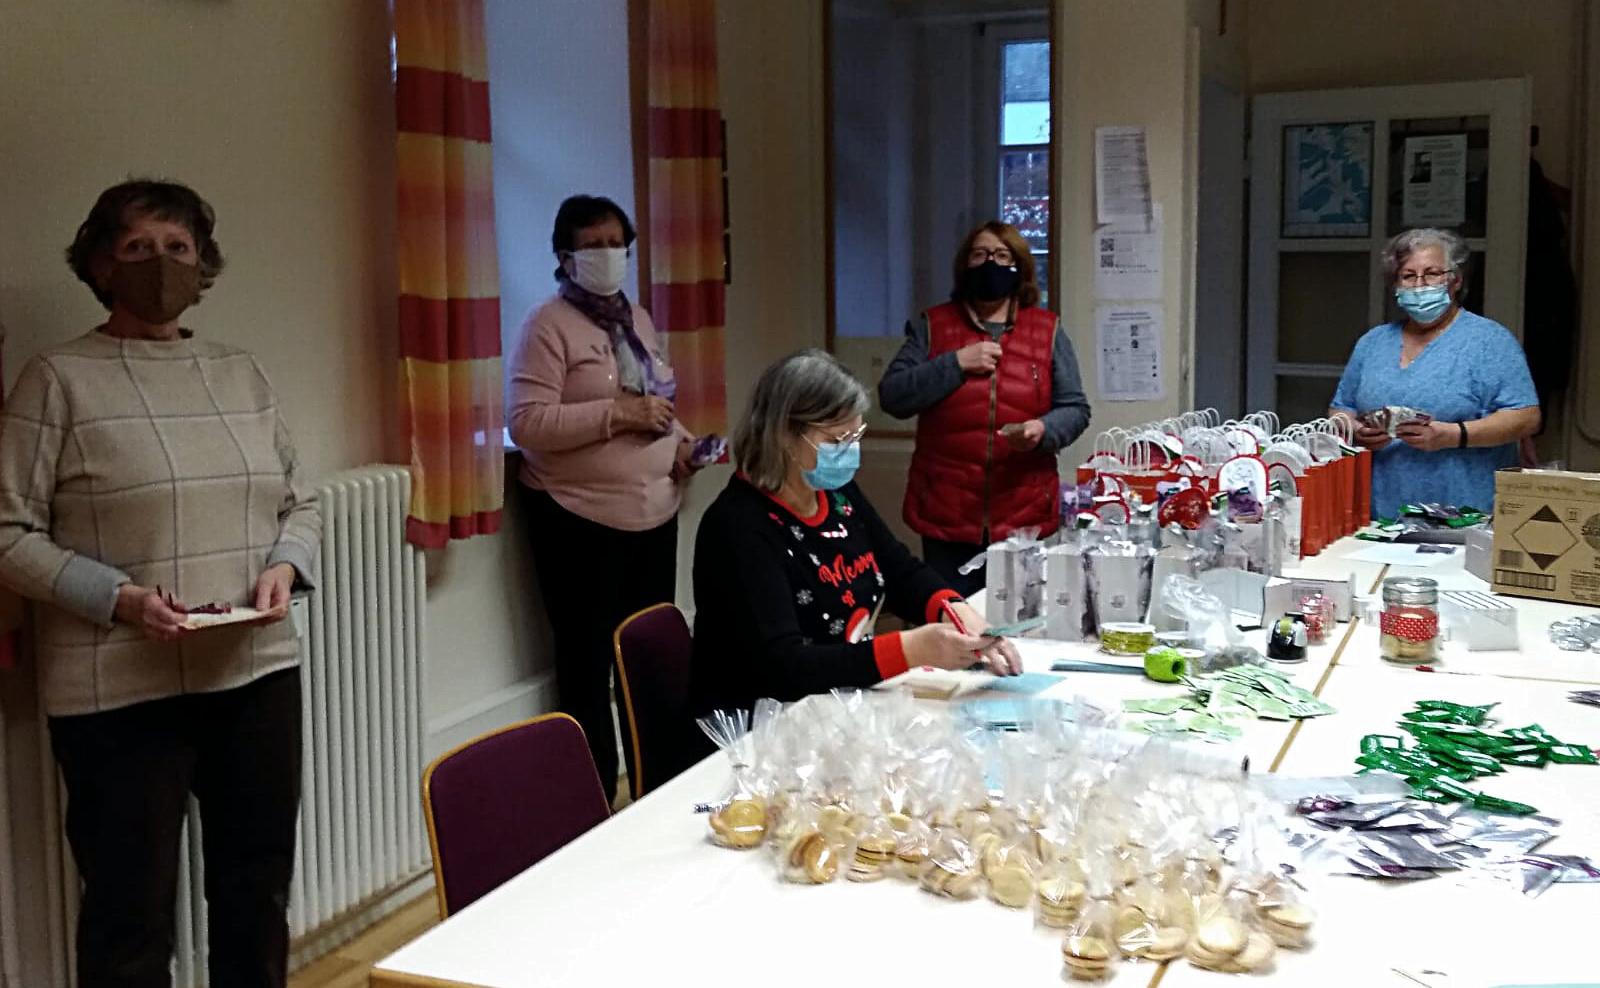 kfd-Neuerburg Weihnachtstüten